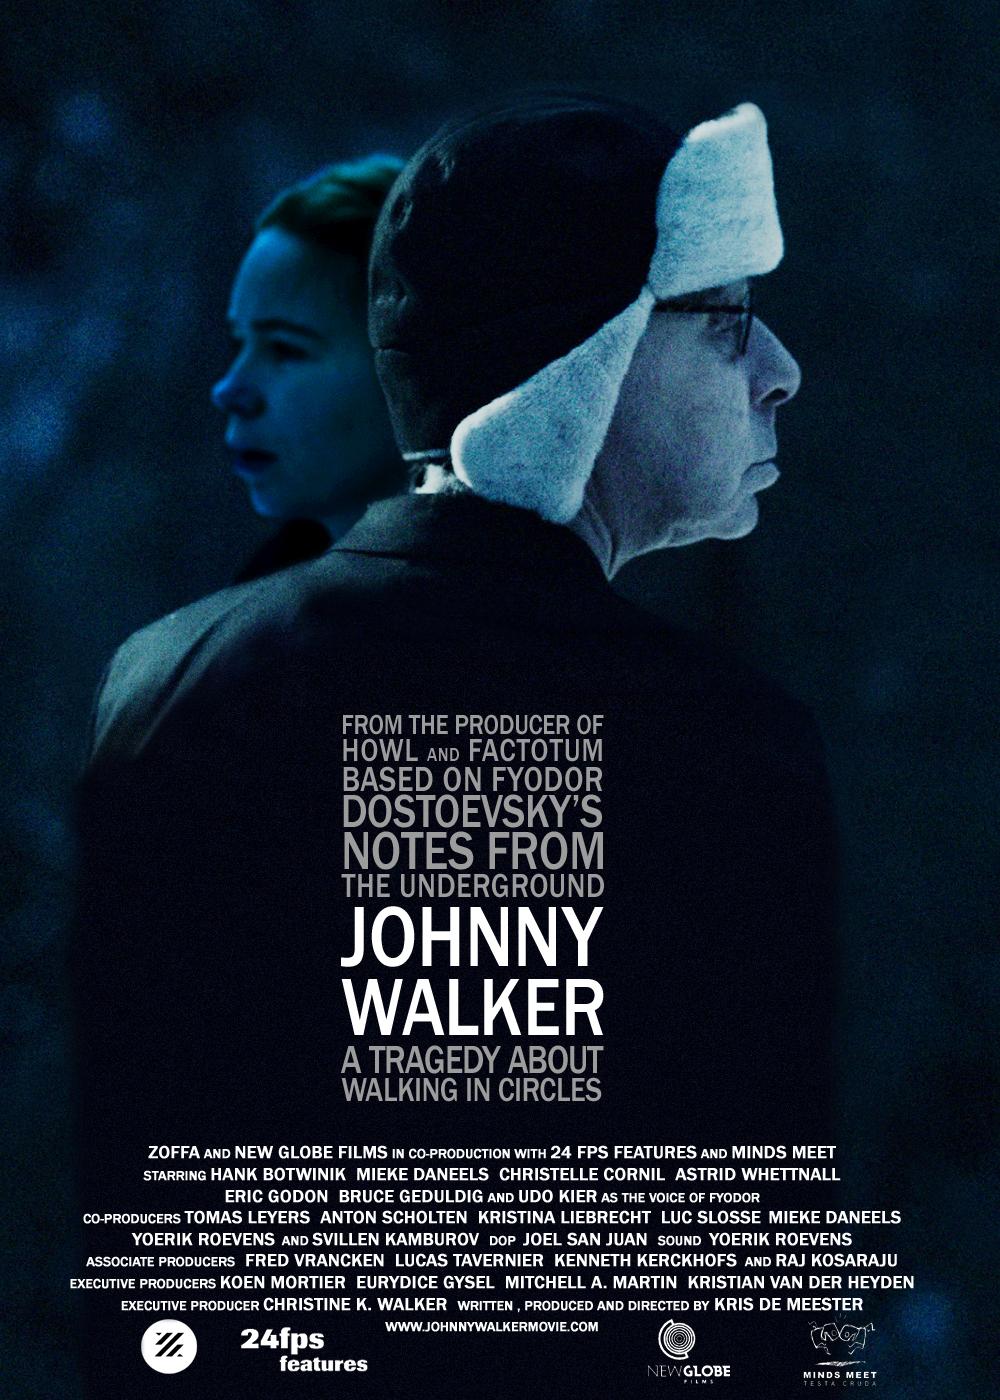 Johnnywalker_poster2015.jpg